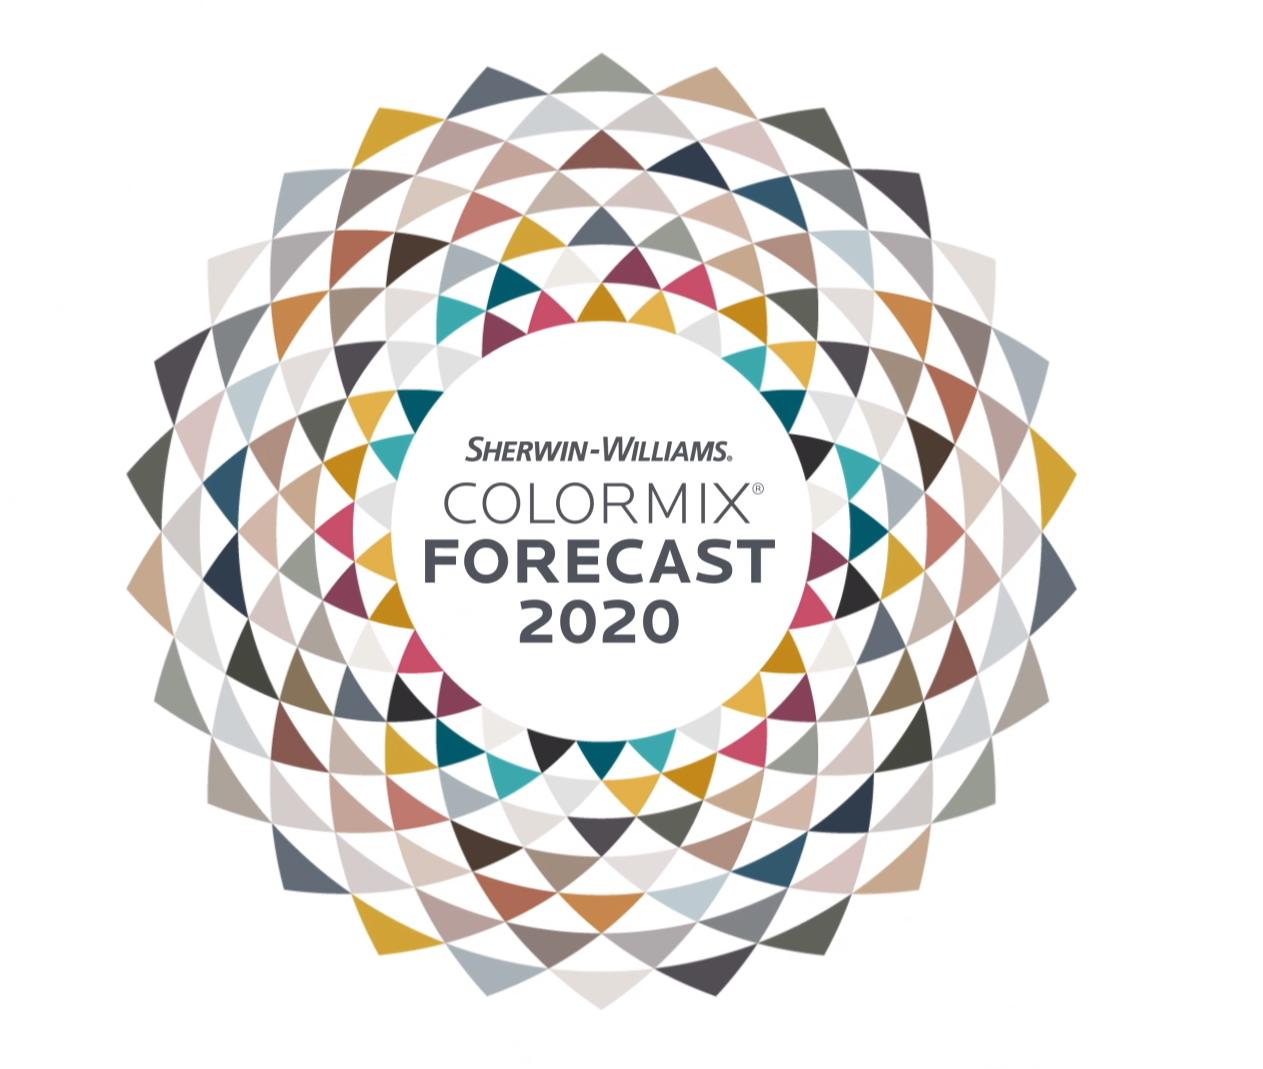 Colormix forcast logo, 2020